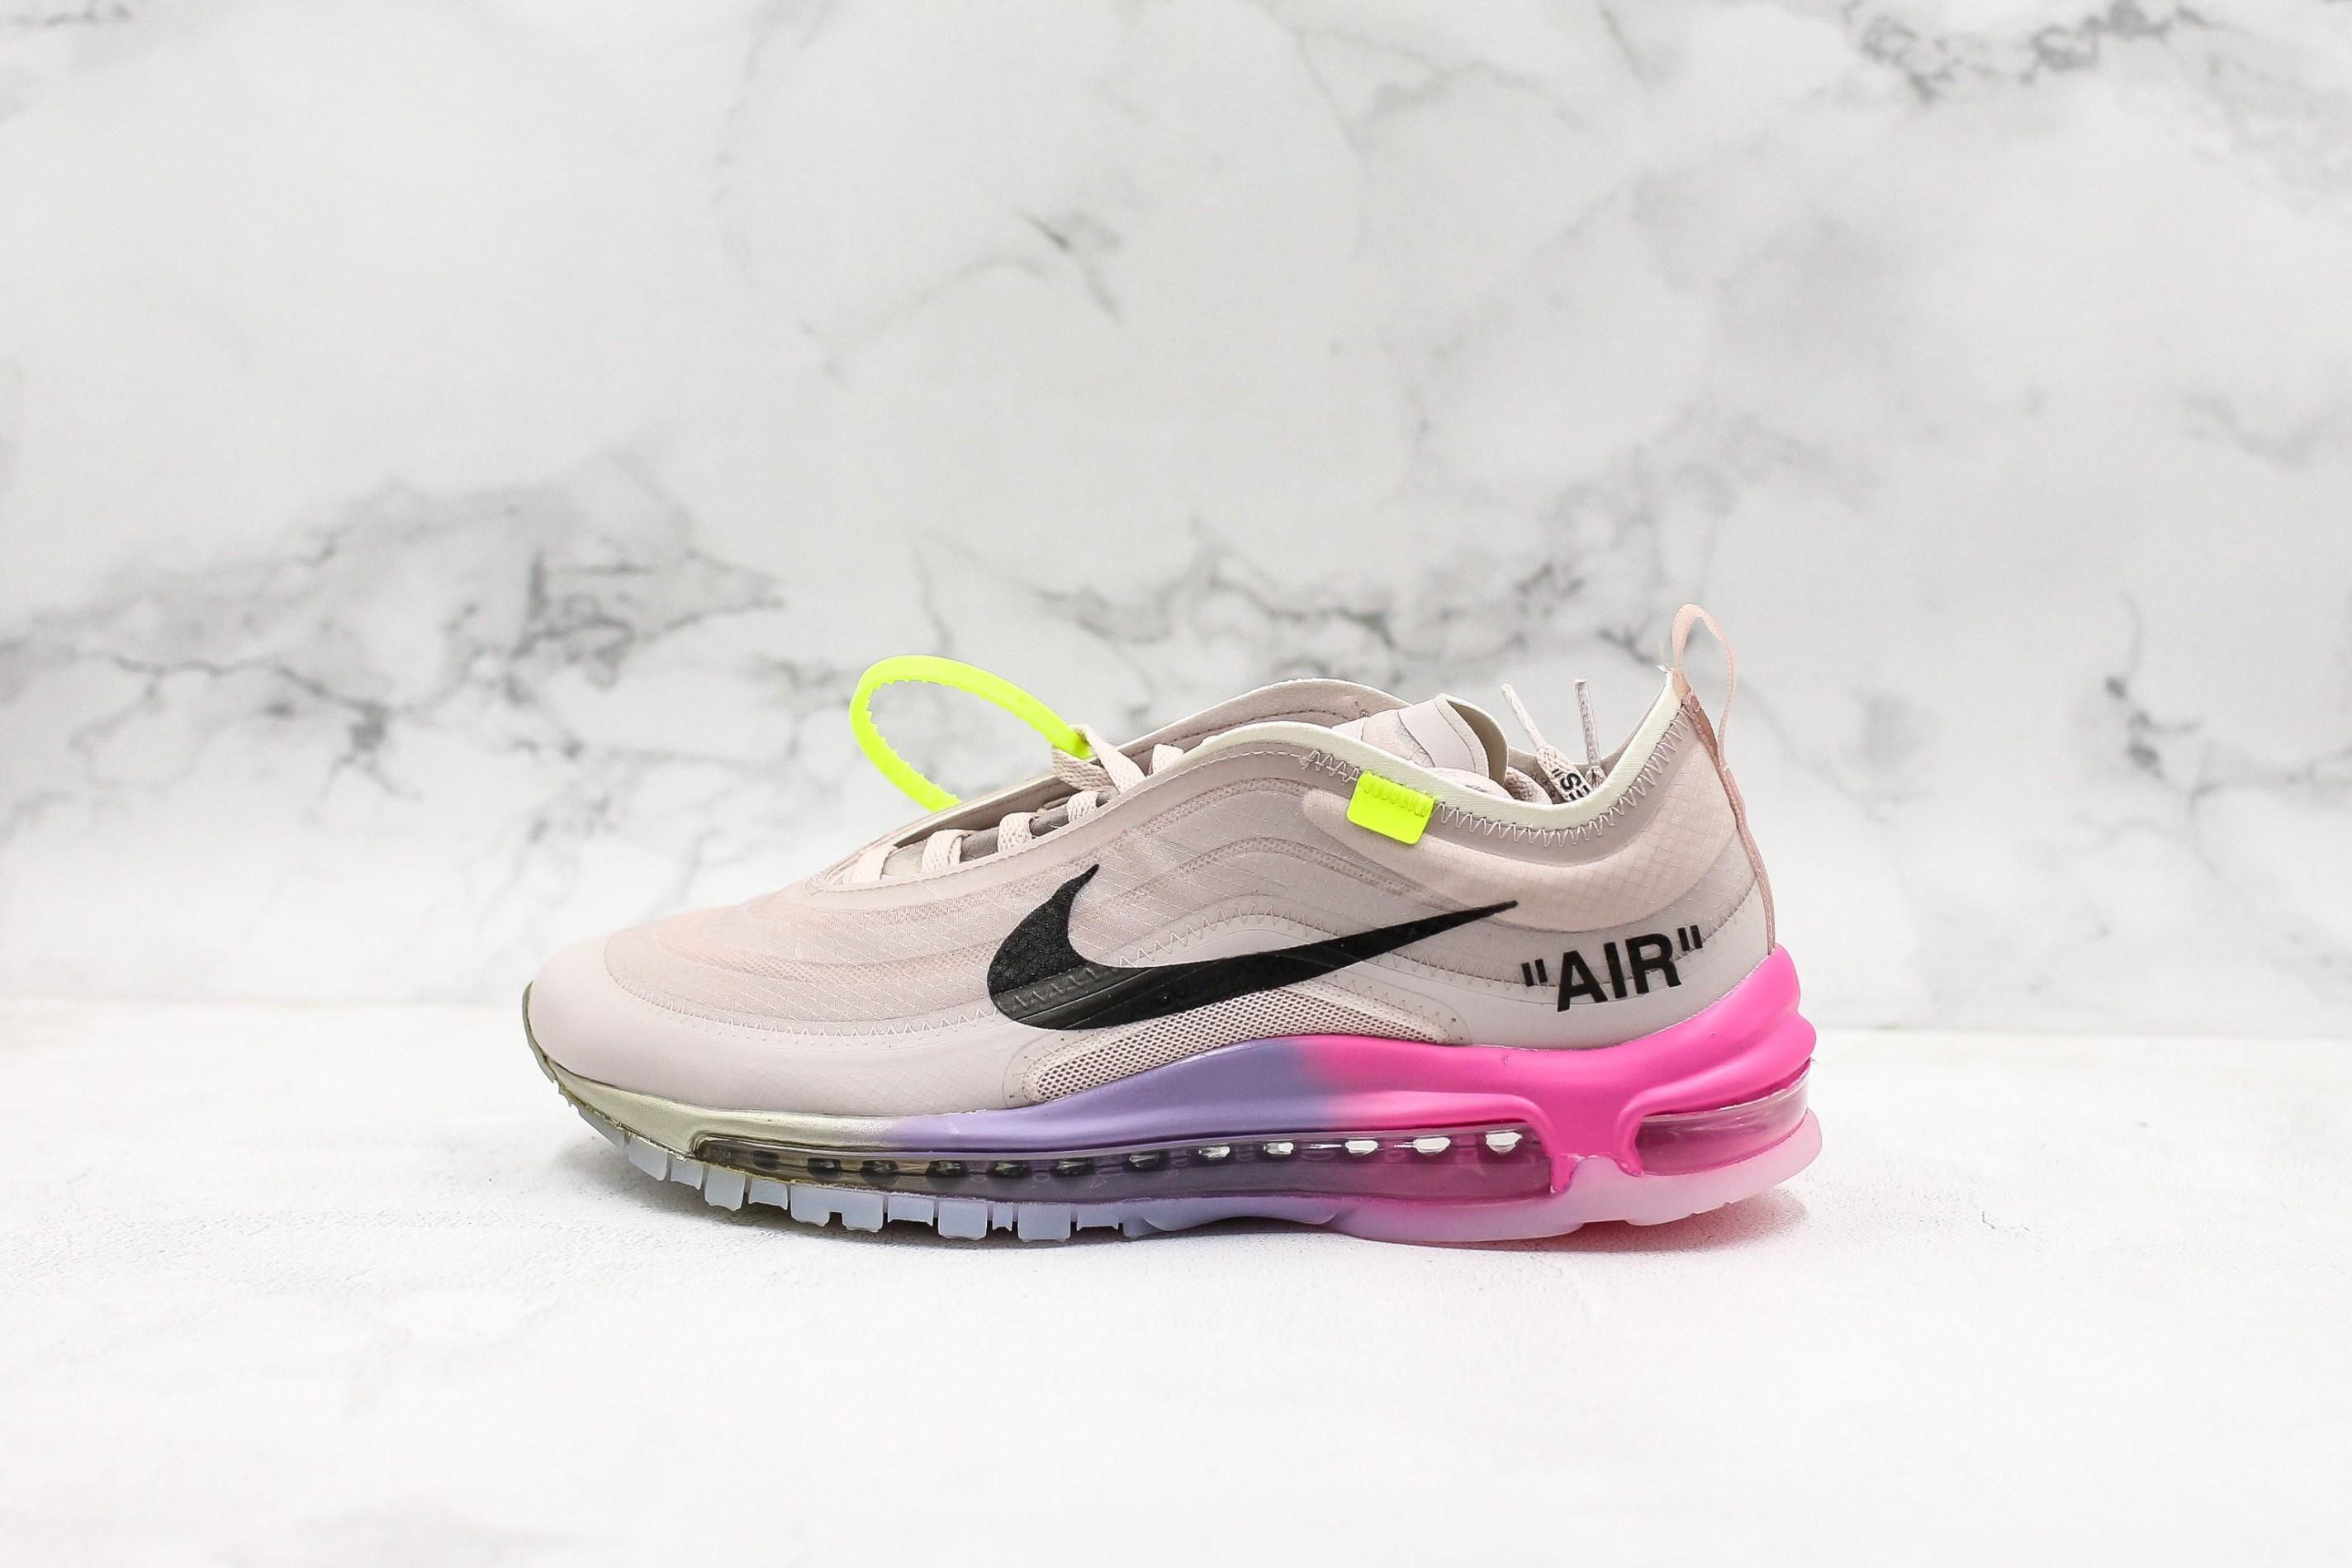 16c474e0d85 Nike Air Max 97 Off-White x